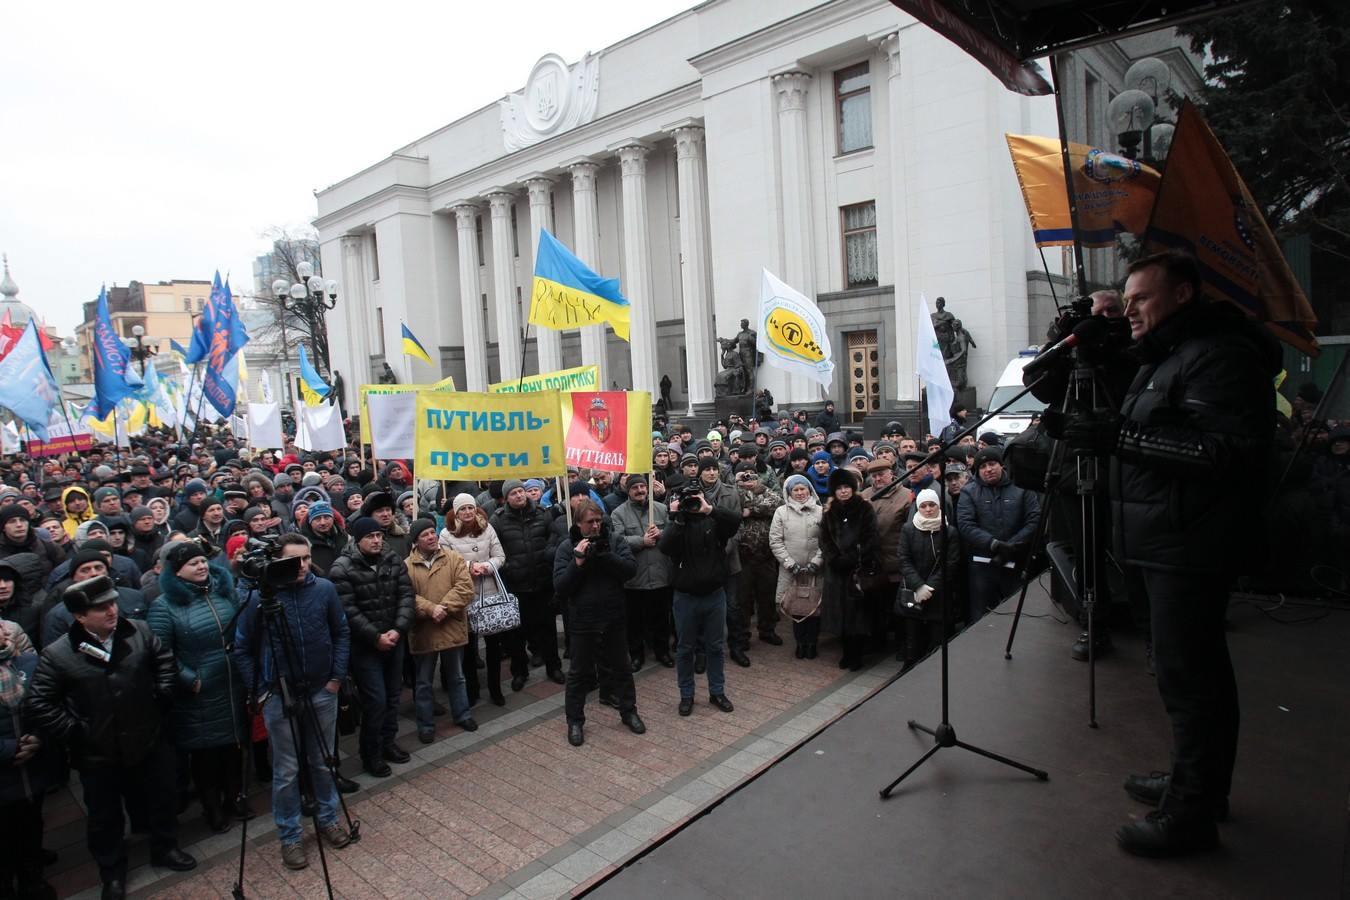 Кілька тисяч аграріїв мітингують під Радою - фото 1